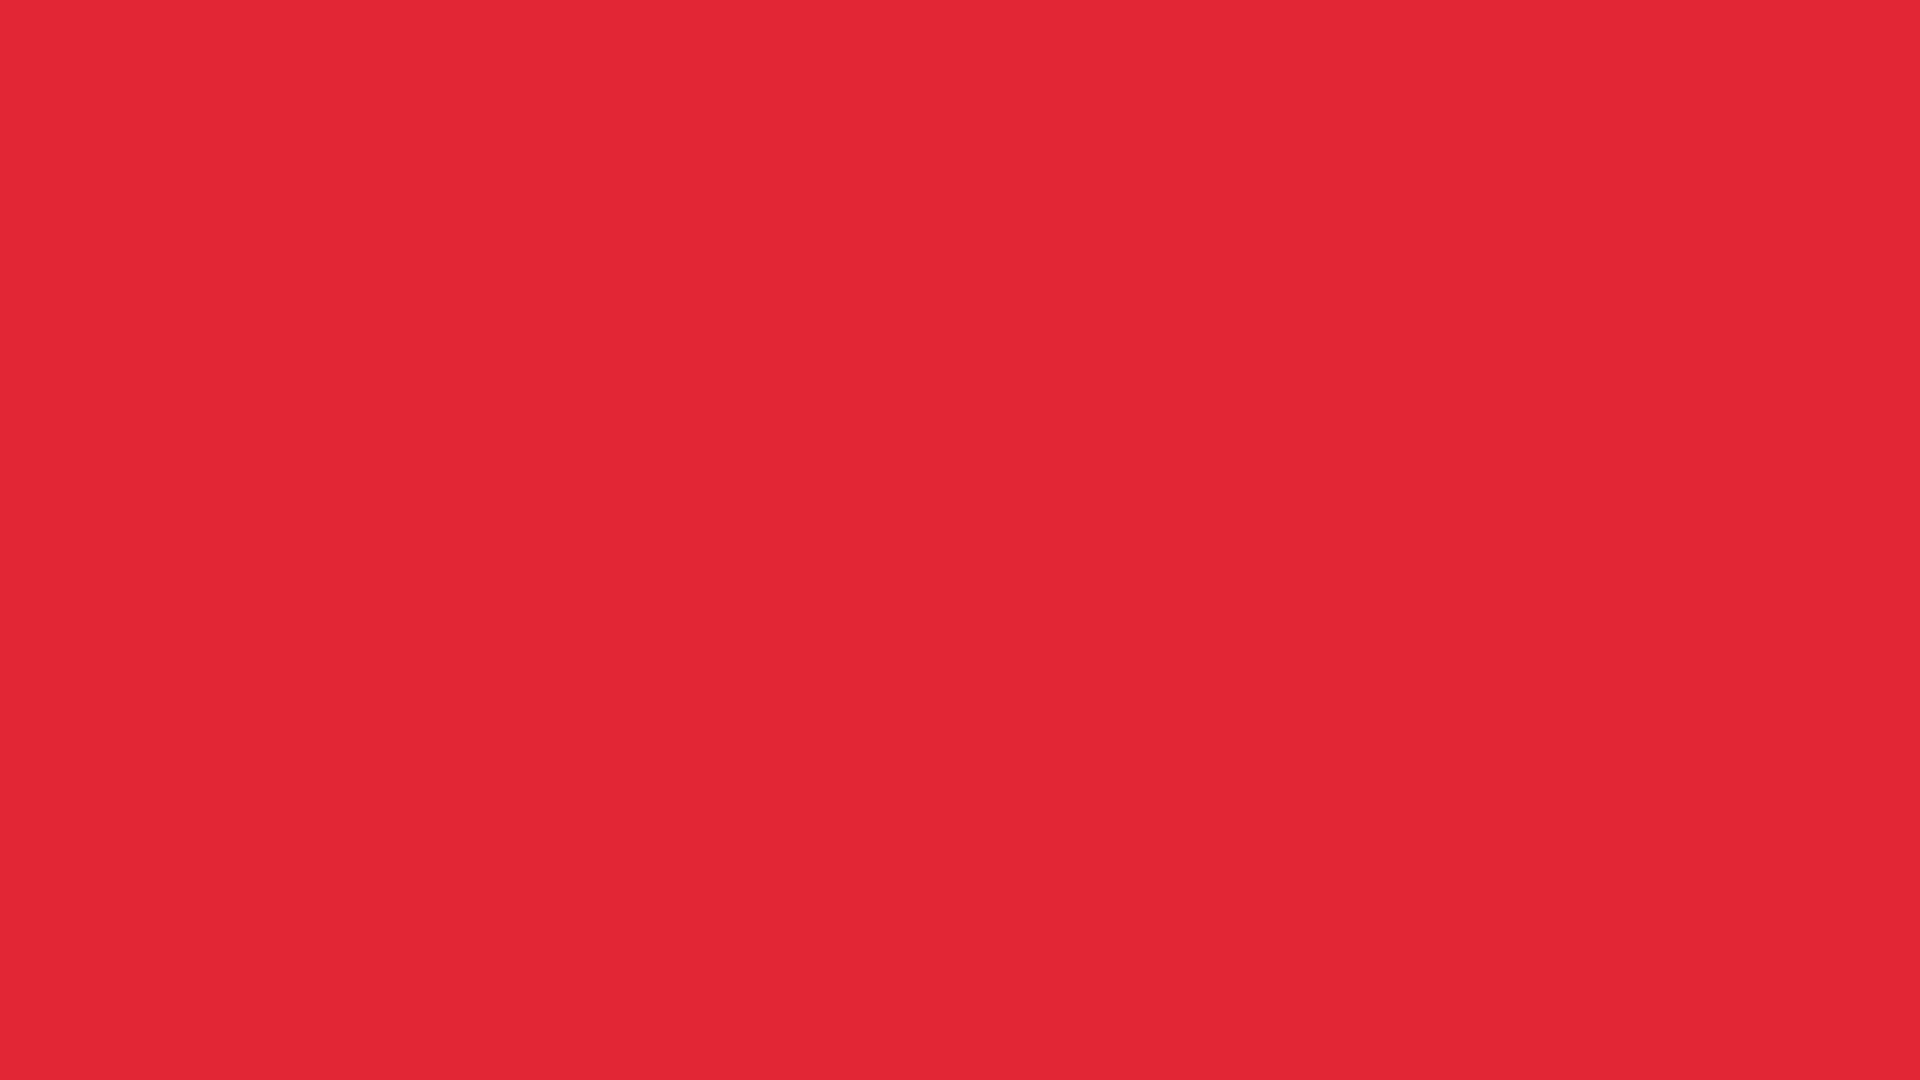 1920x1080 Rose Madder Solid Color Background